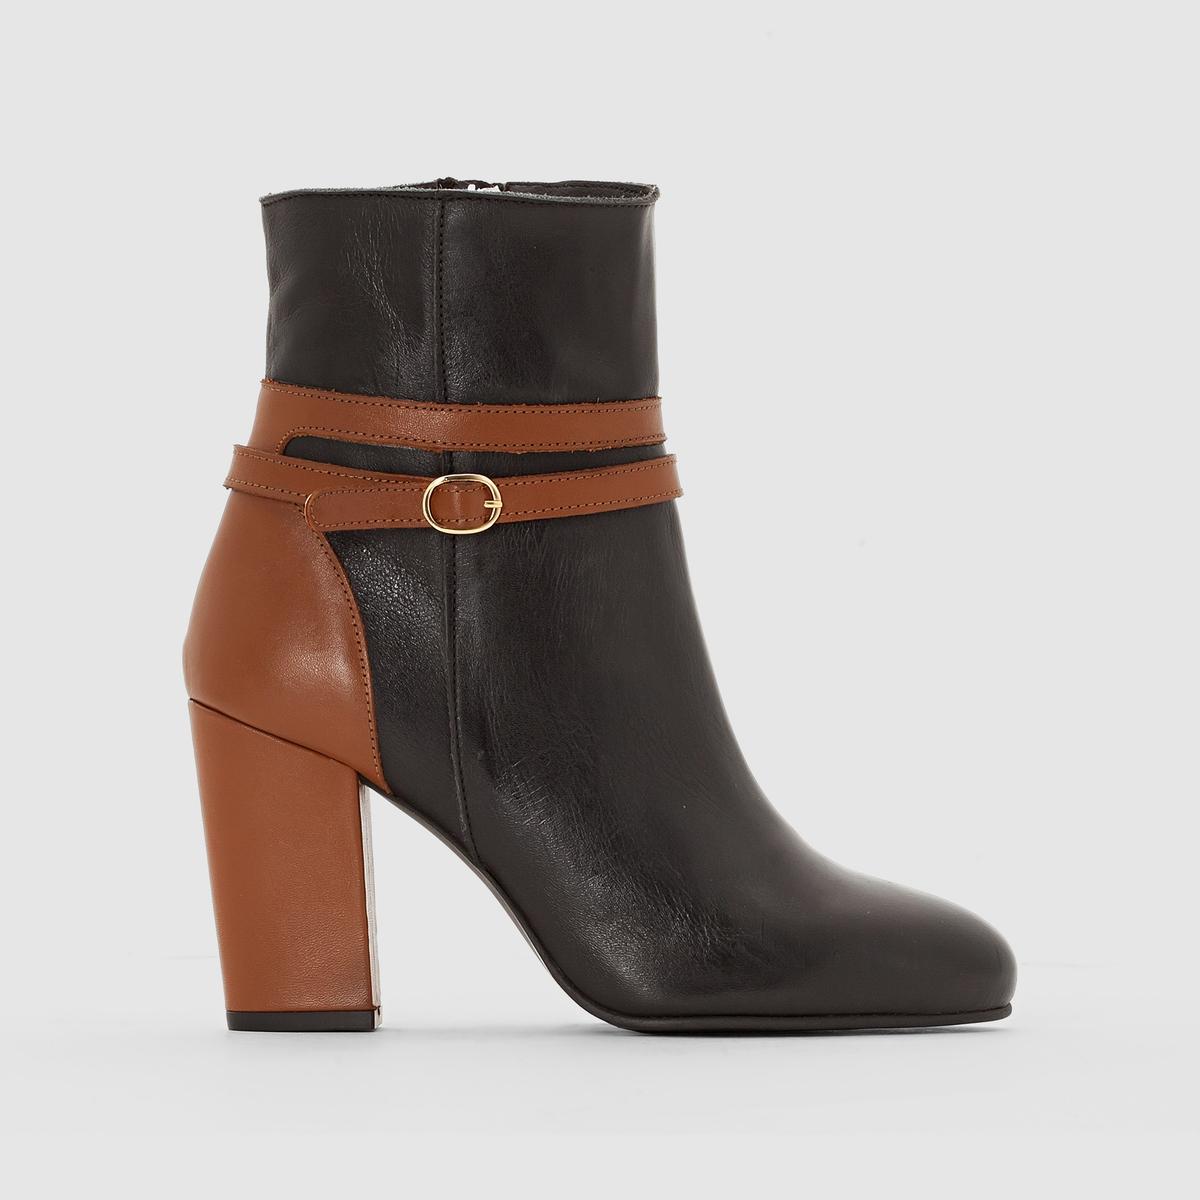 Ботильоны на каблукеМарка : CASTALUNAПодходит : для широкой стопы.Верх : яловичная кожа.Стелька : кожа.Подошва : из эластомера.Каблук : 10 см.Застежка : длинная внутренняя молния.Преимущества : Шикарный и изящный стиль, очень высокий каблук.<br><br>Цвет: черный<br>Размер: 44.39.38